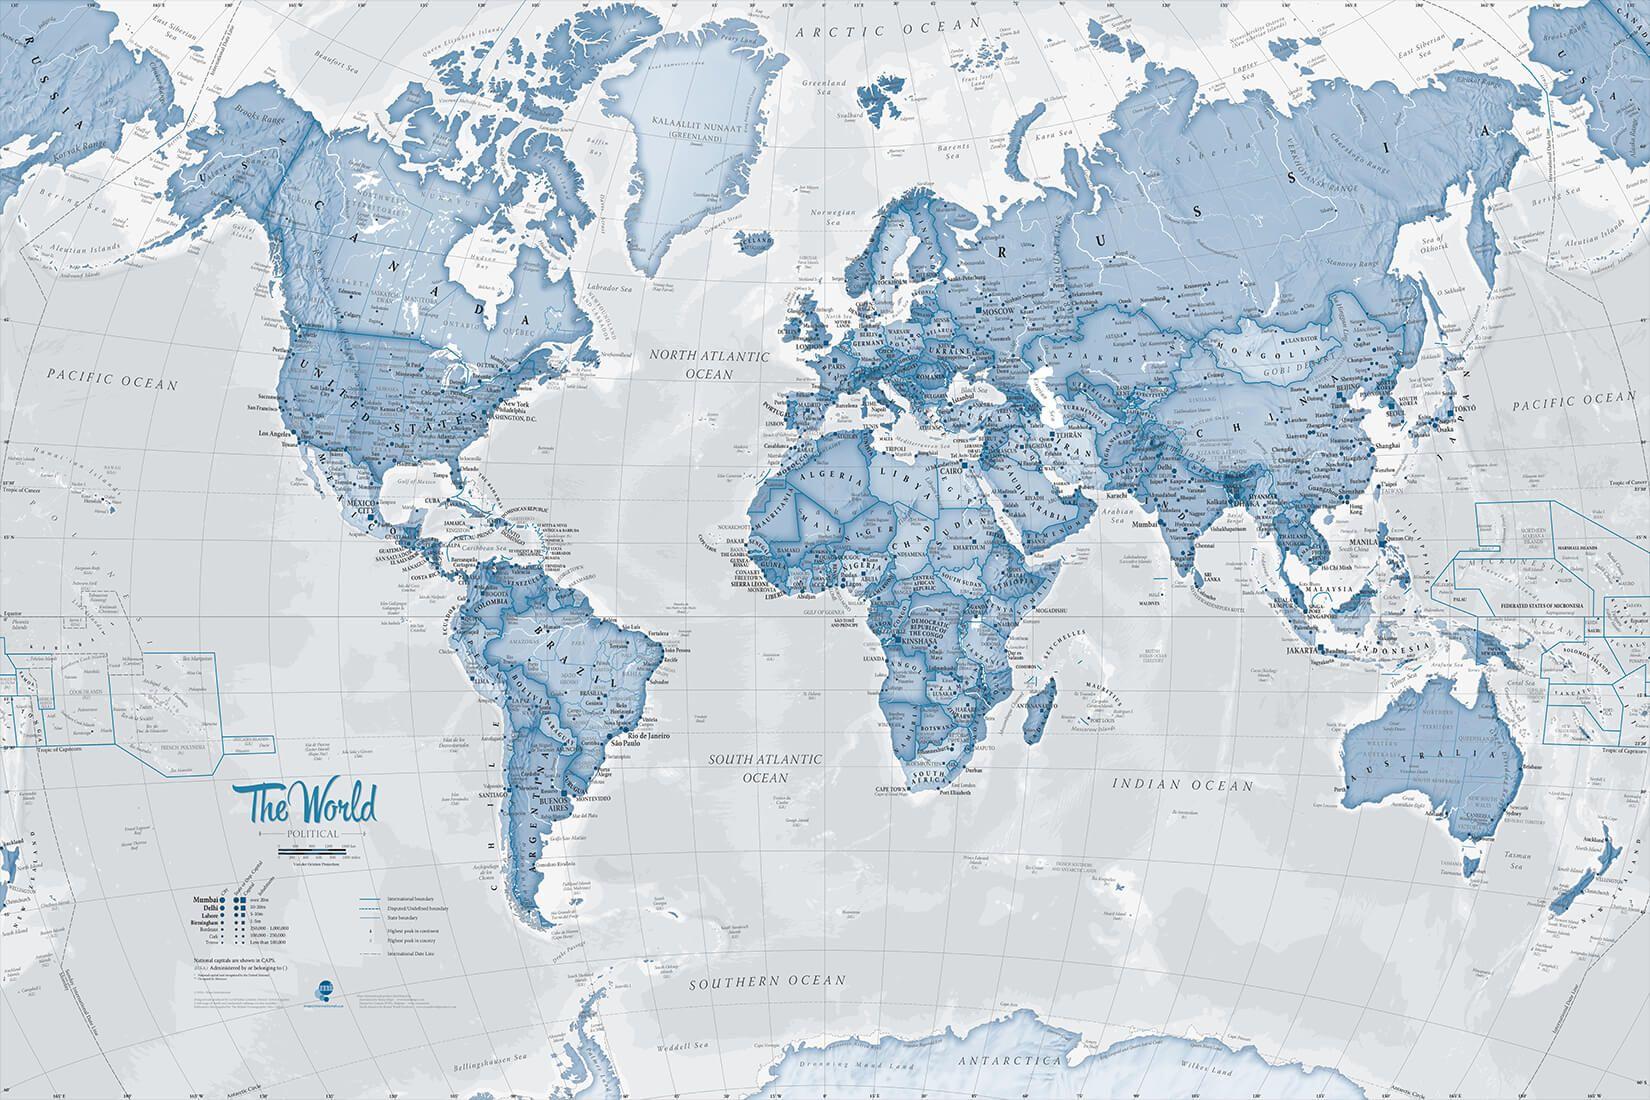 Blue World Map Wallpaper Mural MuralsWallpaper Pinterest - Full wall size world map